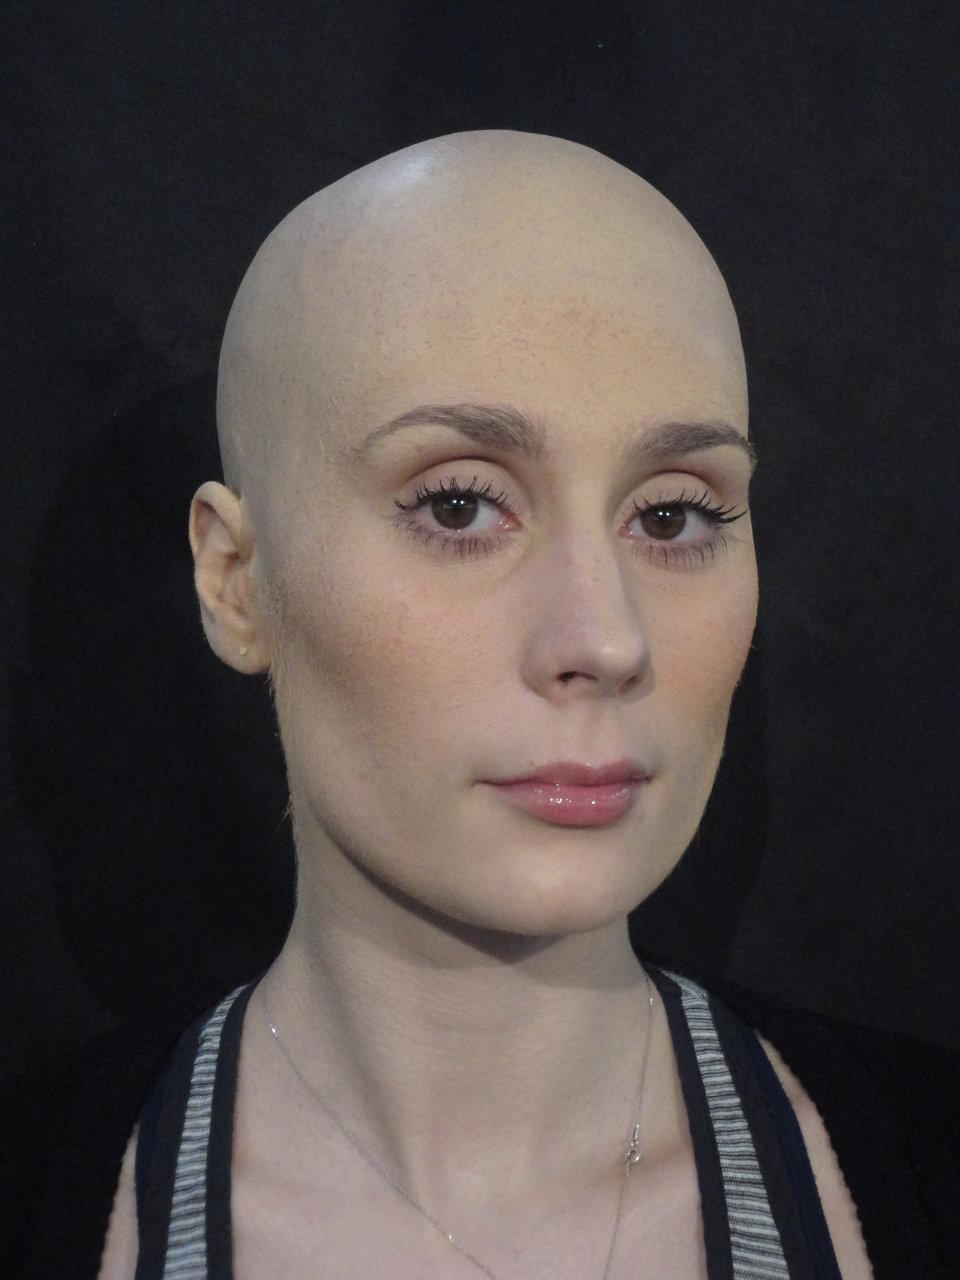 Bald Cap & Make-up